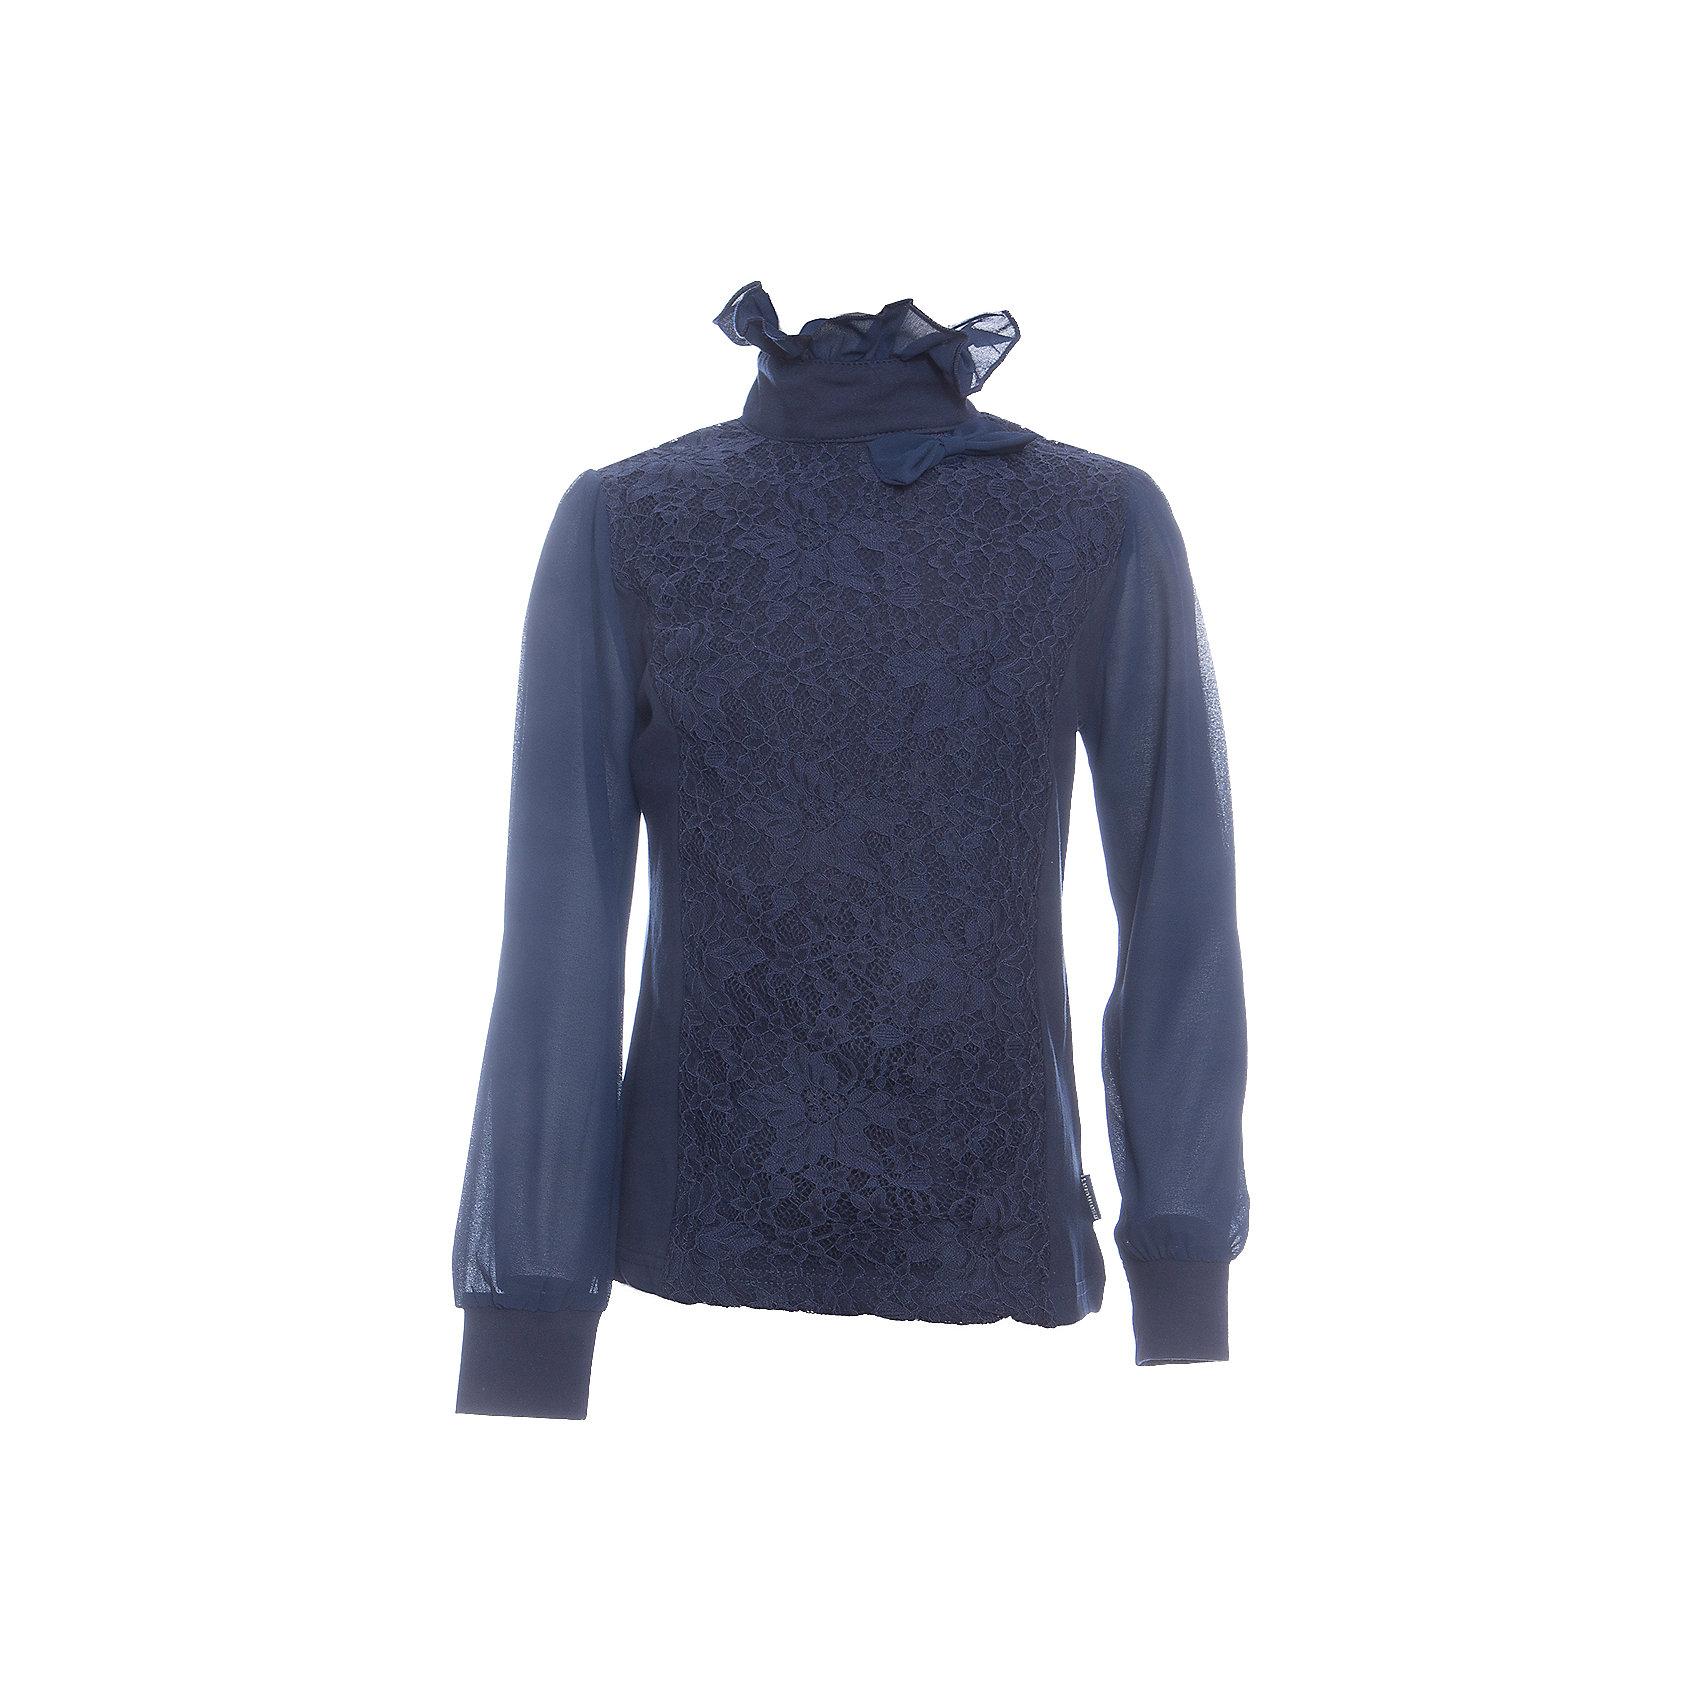 Блузка для девочки LuminosoБлузки и рубашки<br>Характеристики товара:<br><br>• цвет: темно-синий;<br>• состав: 95% хлопок, 5% эластан;<br>• сезон: демисезон;<br>• особенности: школьная, с кружевом;<br>• застежка: две пуговки на спинке;<br>• длинные рукава из легкого шифона;<br>• воротник-стойка;<br>• декорирована кружевом;<br>• трикотажные манжеты;<br>• страна бренда: Россия;<br>• страна производства: Китай.<br><br>Школьная блузка с длинным рукавом для девочки. Темно-синяя блузка застегивается на две пуговицы на спинке. Рукава выполнены из легкого шифона, манжеты трикотажные. Блузка декорирована кружевом в тон изделию, воротник-стойка украшен шифоновым воланом.<br><br>Блузка для девочки Luminoso (Люминосо) можно купить в нашем интернет-магазине.<br><br>Ширина мм: 186<br>Глубина мм: 87<br>Высота мм: 198<br>Вес г: 197<br>Цвет: синий<br>Возраст от месяцев: 156<br>Возраст до месяцев: 168<br>Пол: Женский<br>Возраст: Детский<br>Размер: 164,122,128,134,140,146,152,158<br>SKU: 6673085